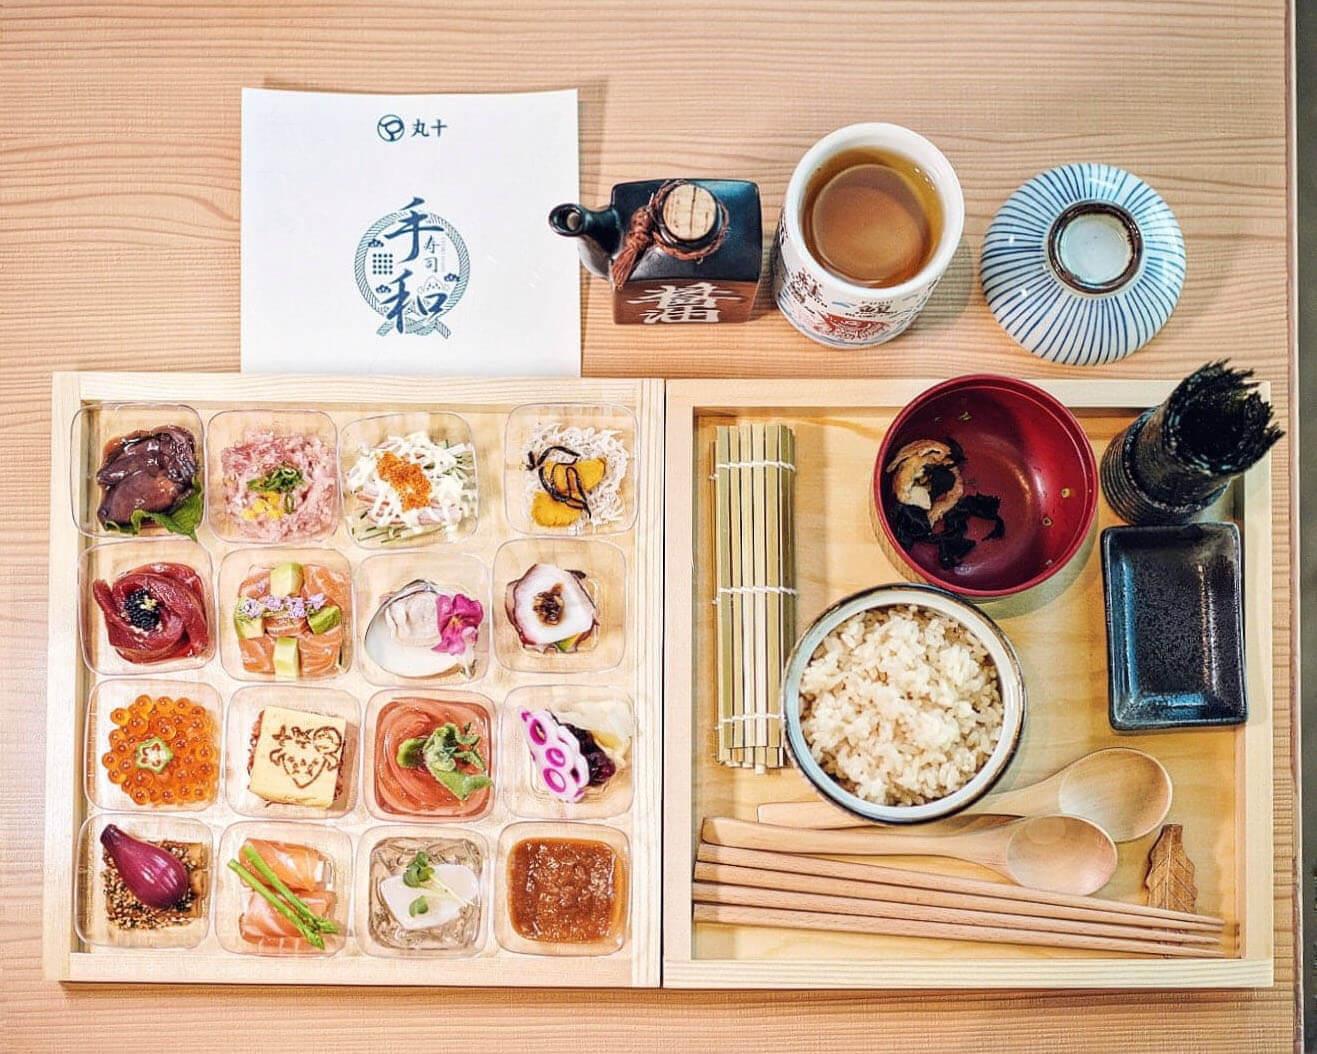 丸十最新手和壽司盒,有16款和食,比大家DIY壽司!